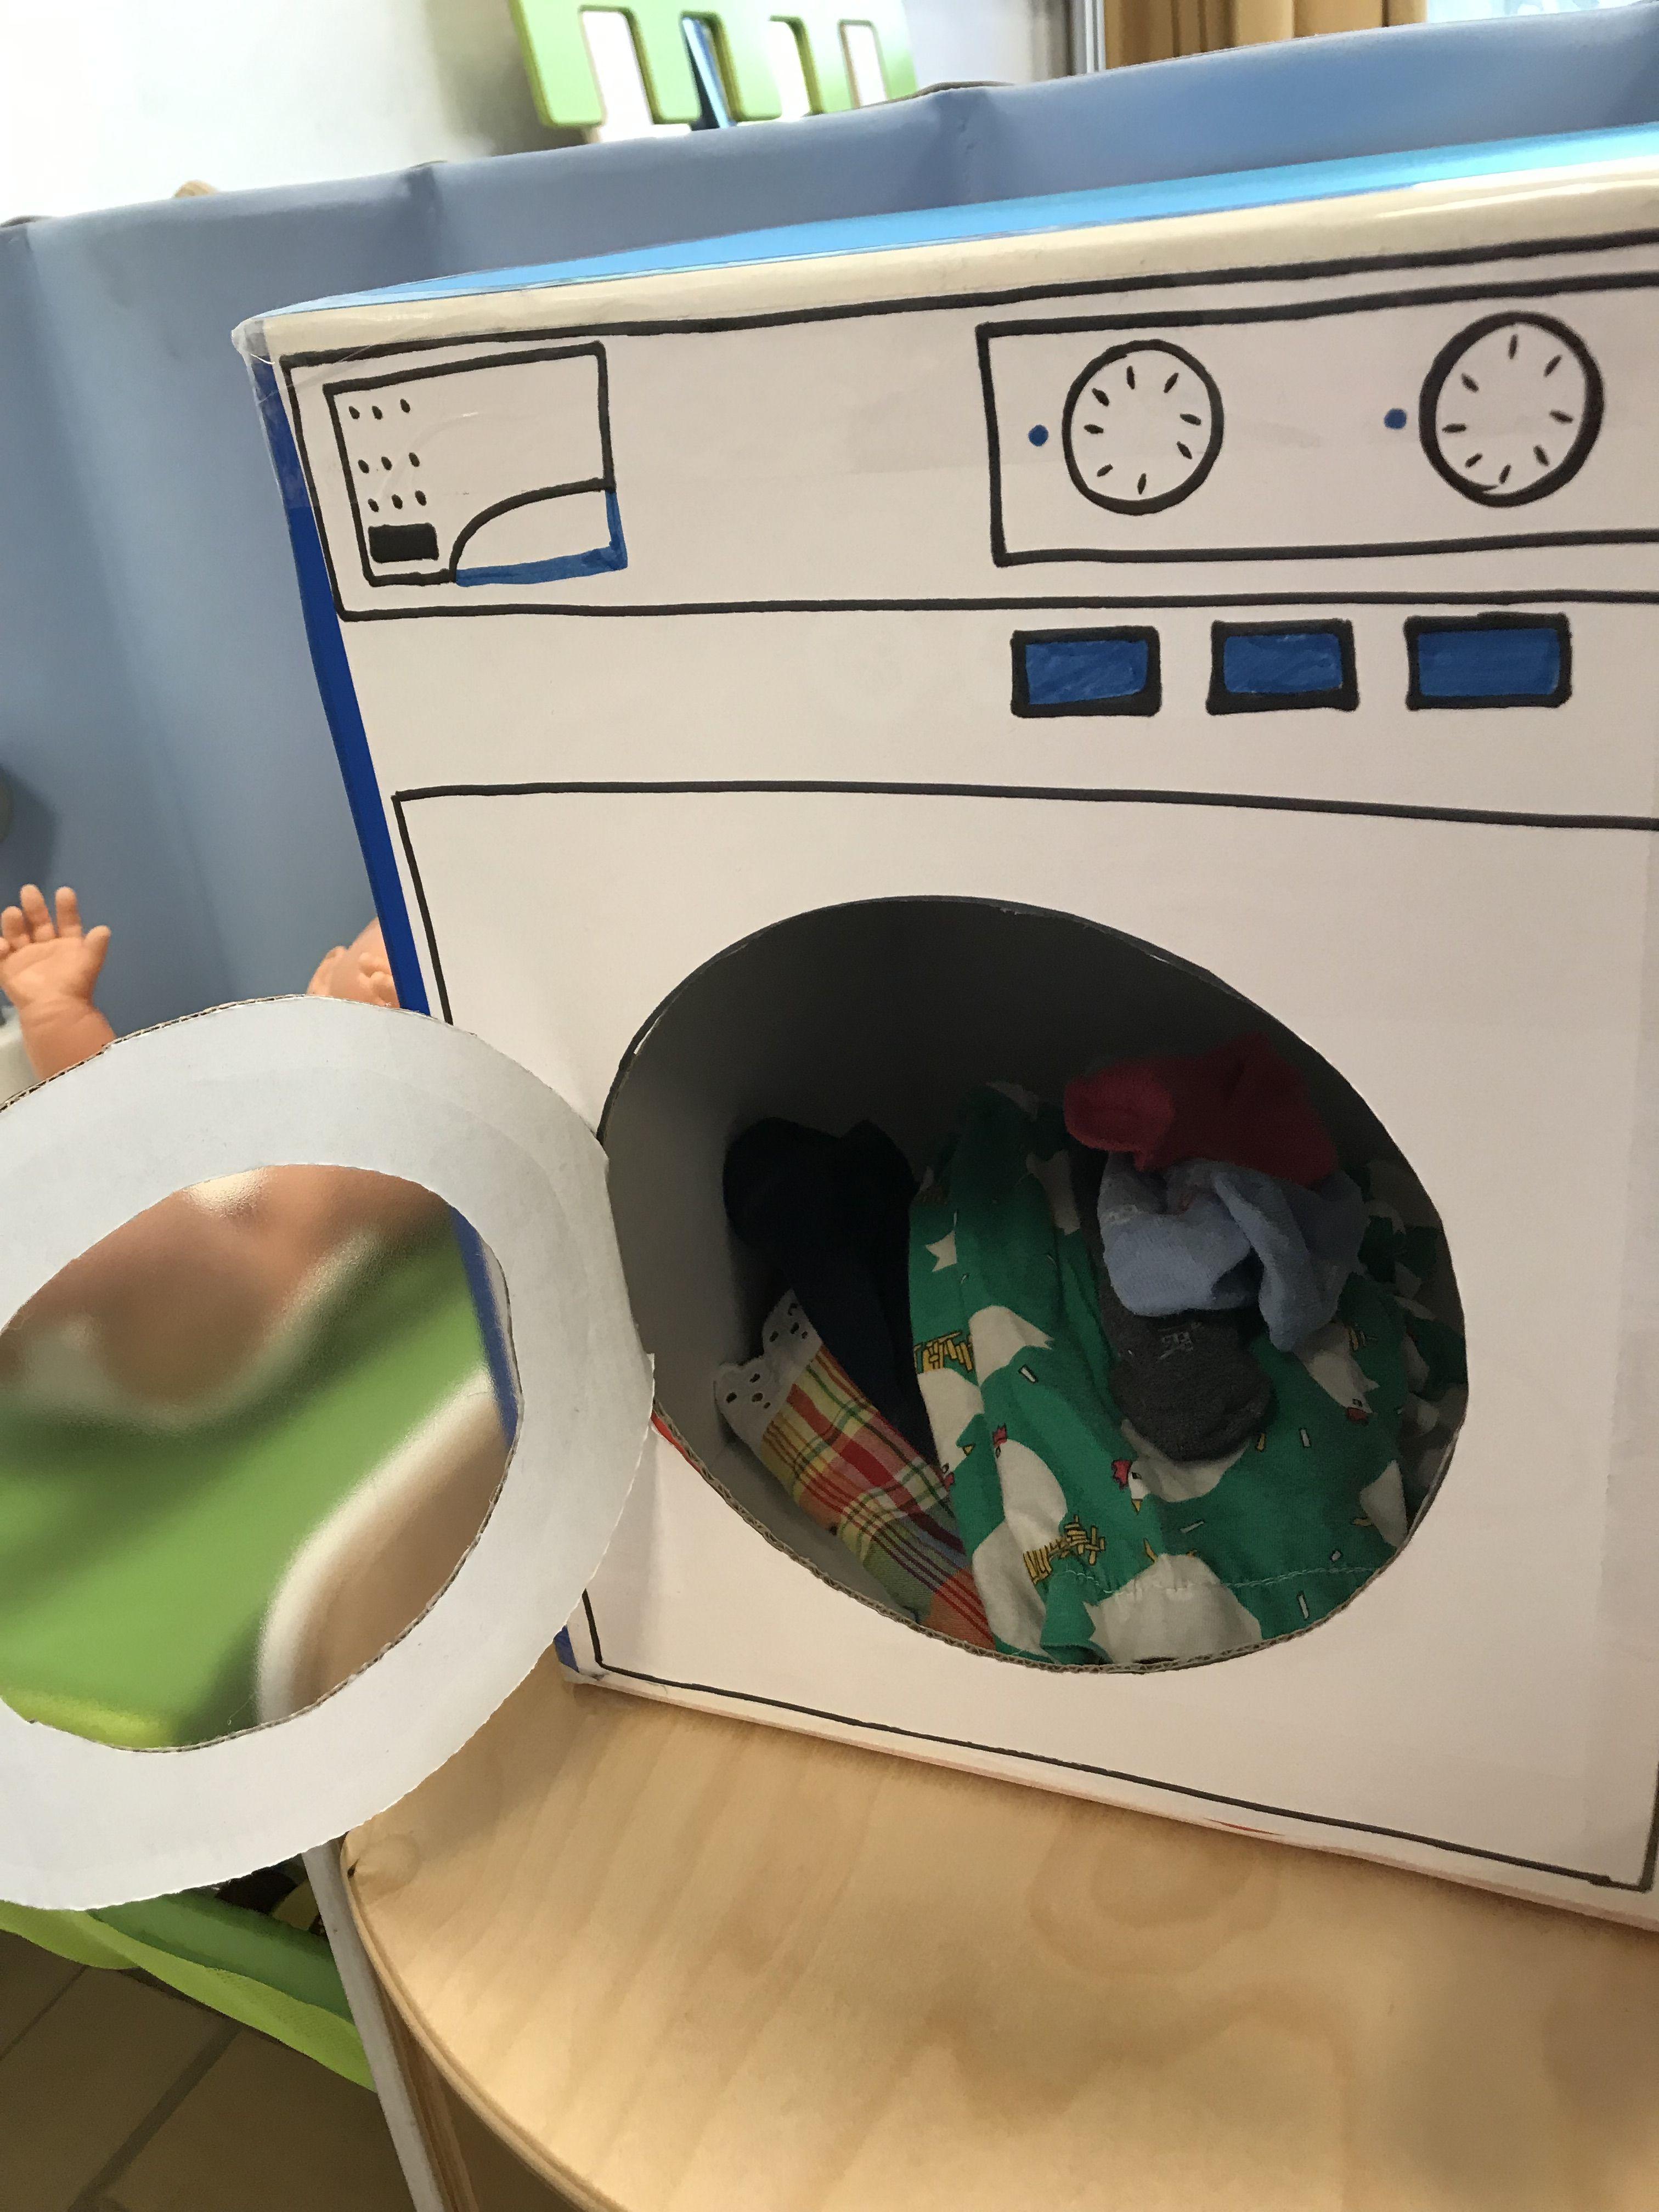 Fabriquer Un Lave Linge Avec Un Carton Machine A Laver Le Linge Machine A Laver Carton